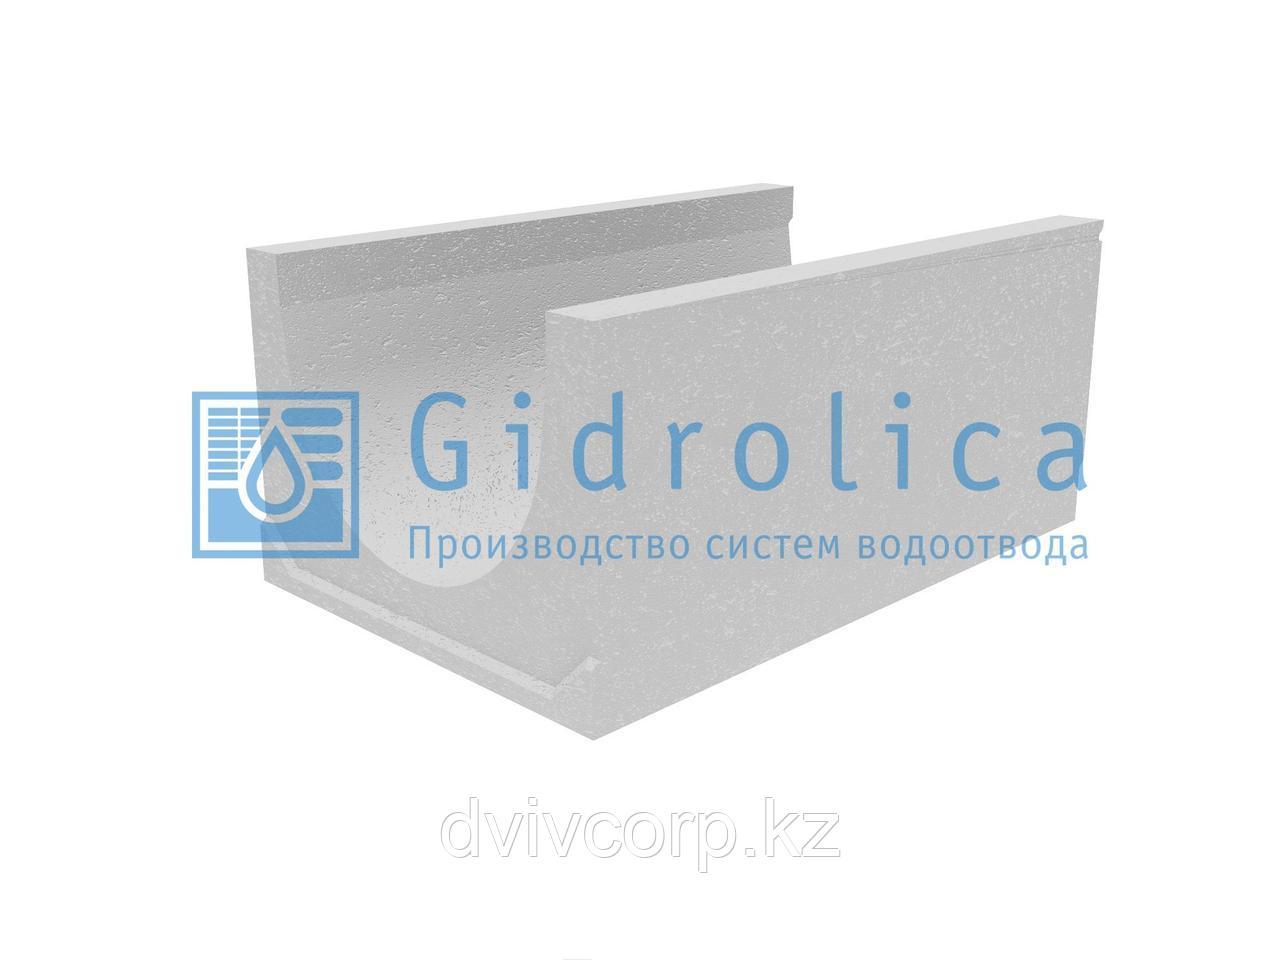 Лоток водоотводный бетонный коробчатый (СО-500мм)КU 100.65(50).45(36) - BGU-XL, № 0